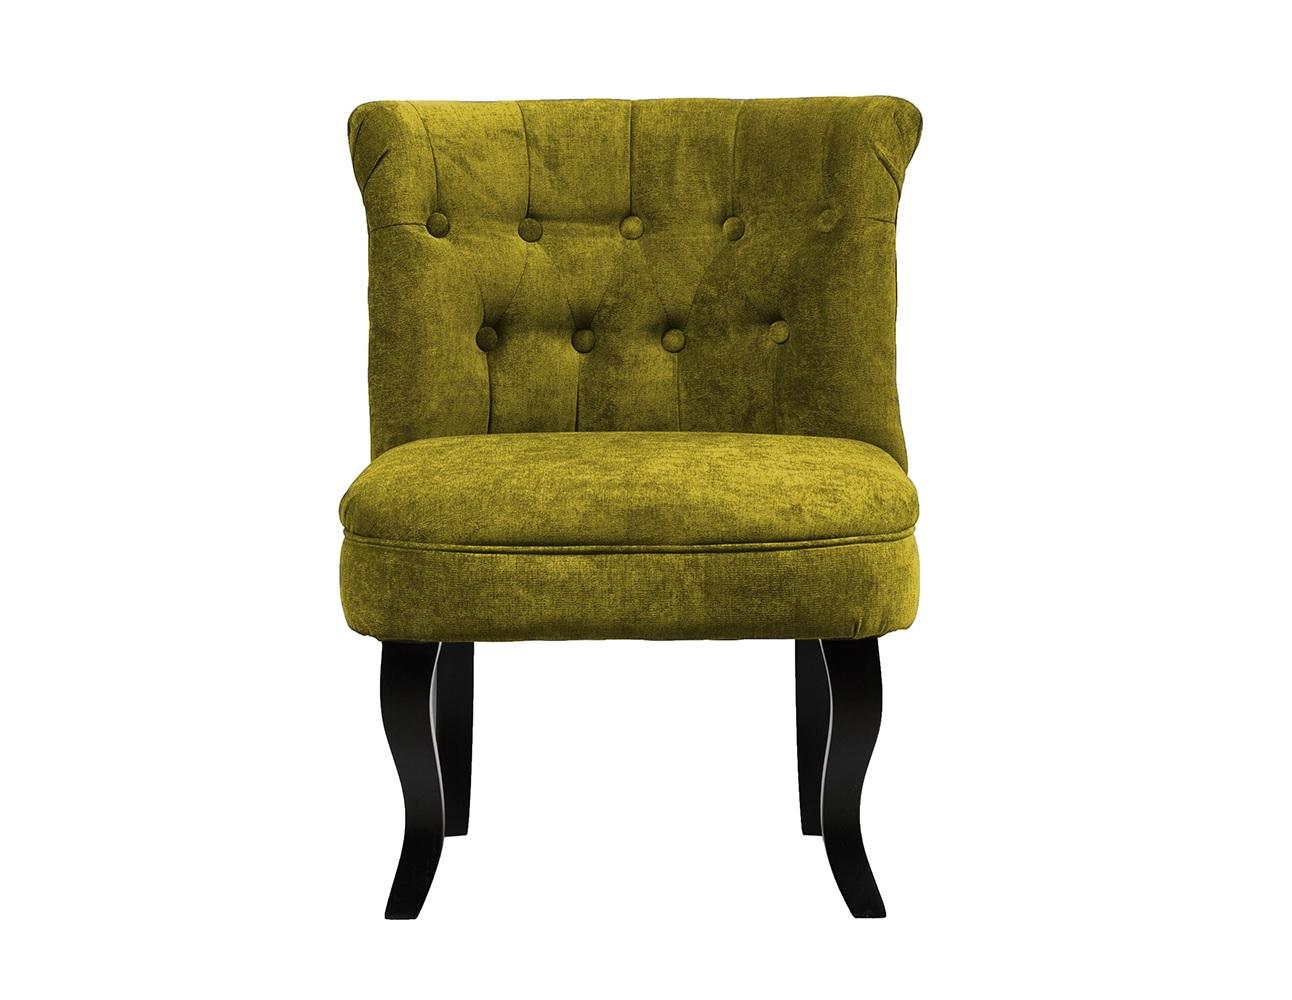 Кресло DawsonПолукресла<br>Кресло Dawson — неимоверно комфортное, удобное и красивое — выглядит так, словно вам его только что доставили из роскошного дома аристократической Франции. Богатая обивка, благородная форма деревянного каркаса самого предмета мебели, изящные ножки, нежный цвет — все говорит о его изысканности и шарме. Такое кресло непременно украсит ваш дом, добавив не только очарование и лоск, но и уют и тепло.<br><br>Material: Велюр<br>Width см: 73<br>Depth см: 63<br>Height см: 56